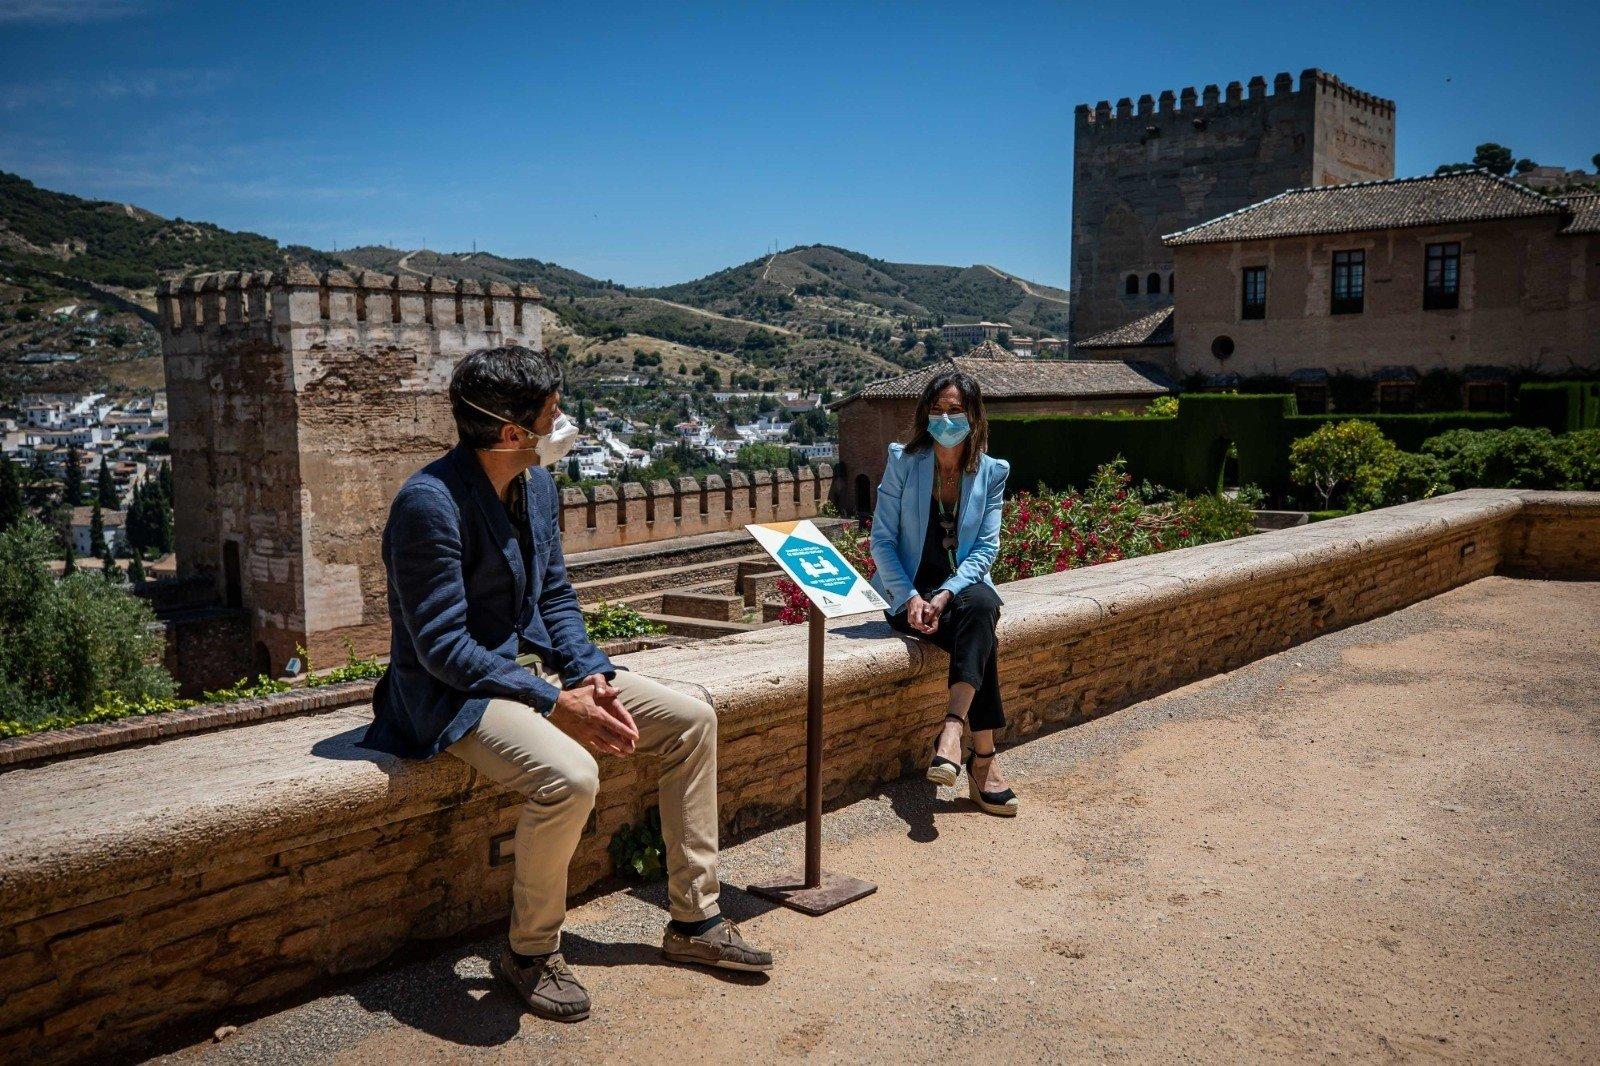 La Alhambra ha realizado una veintena de actuaciones durante la pandemia